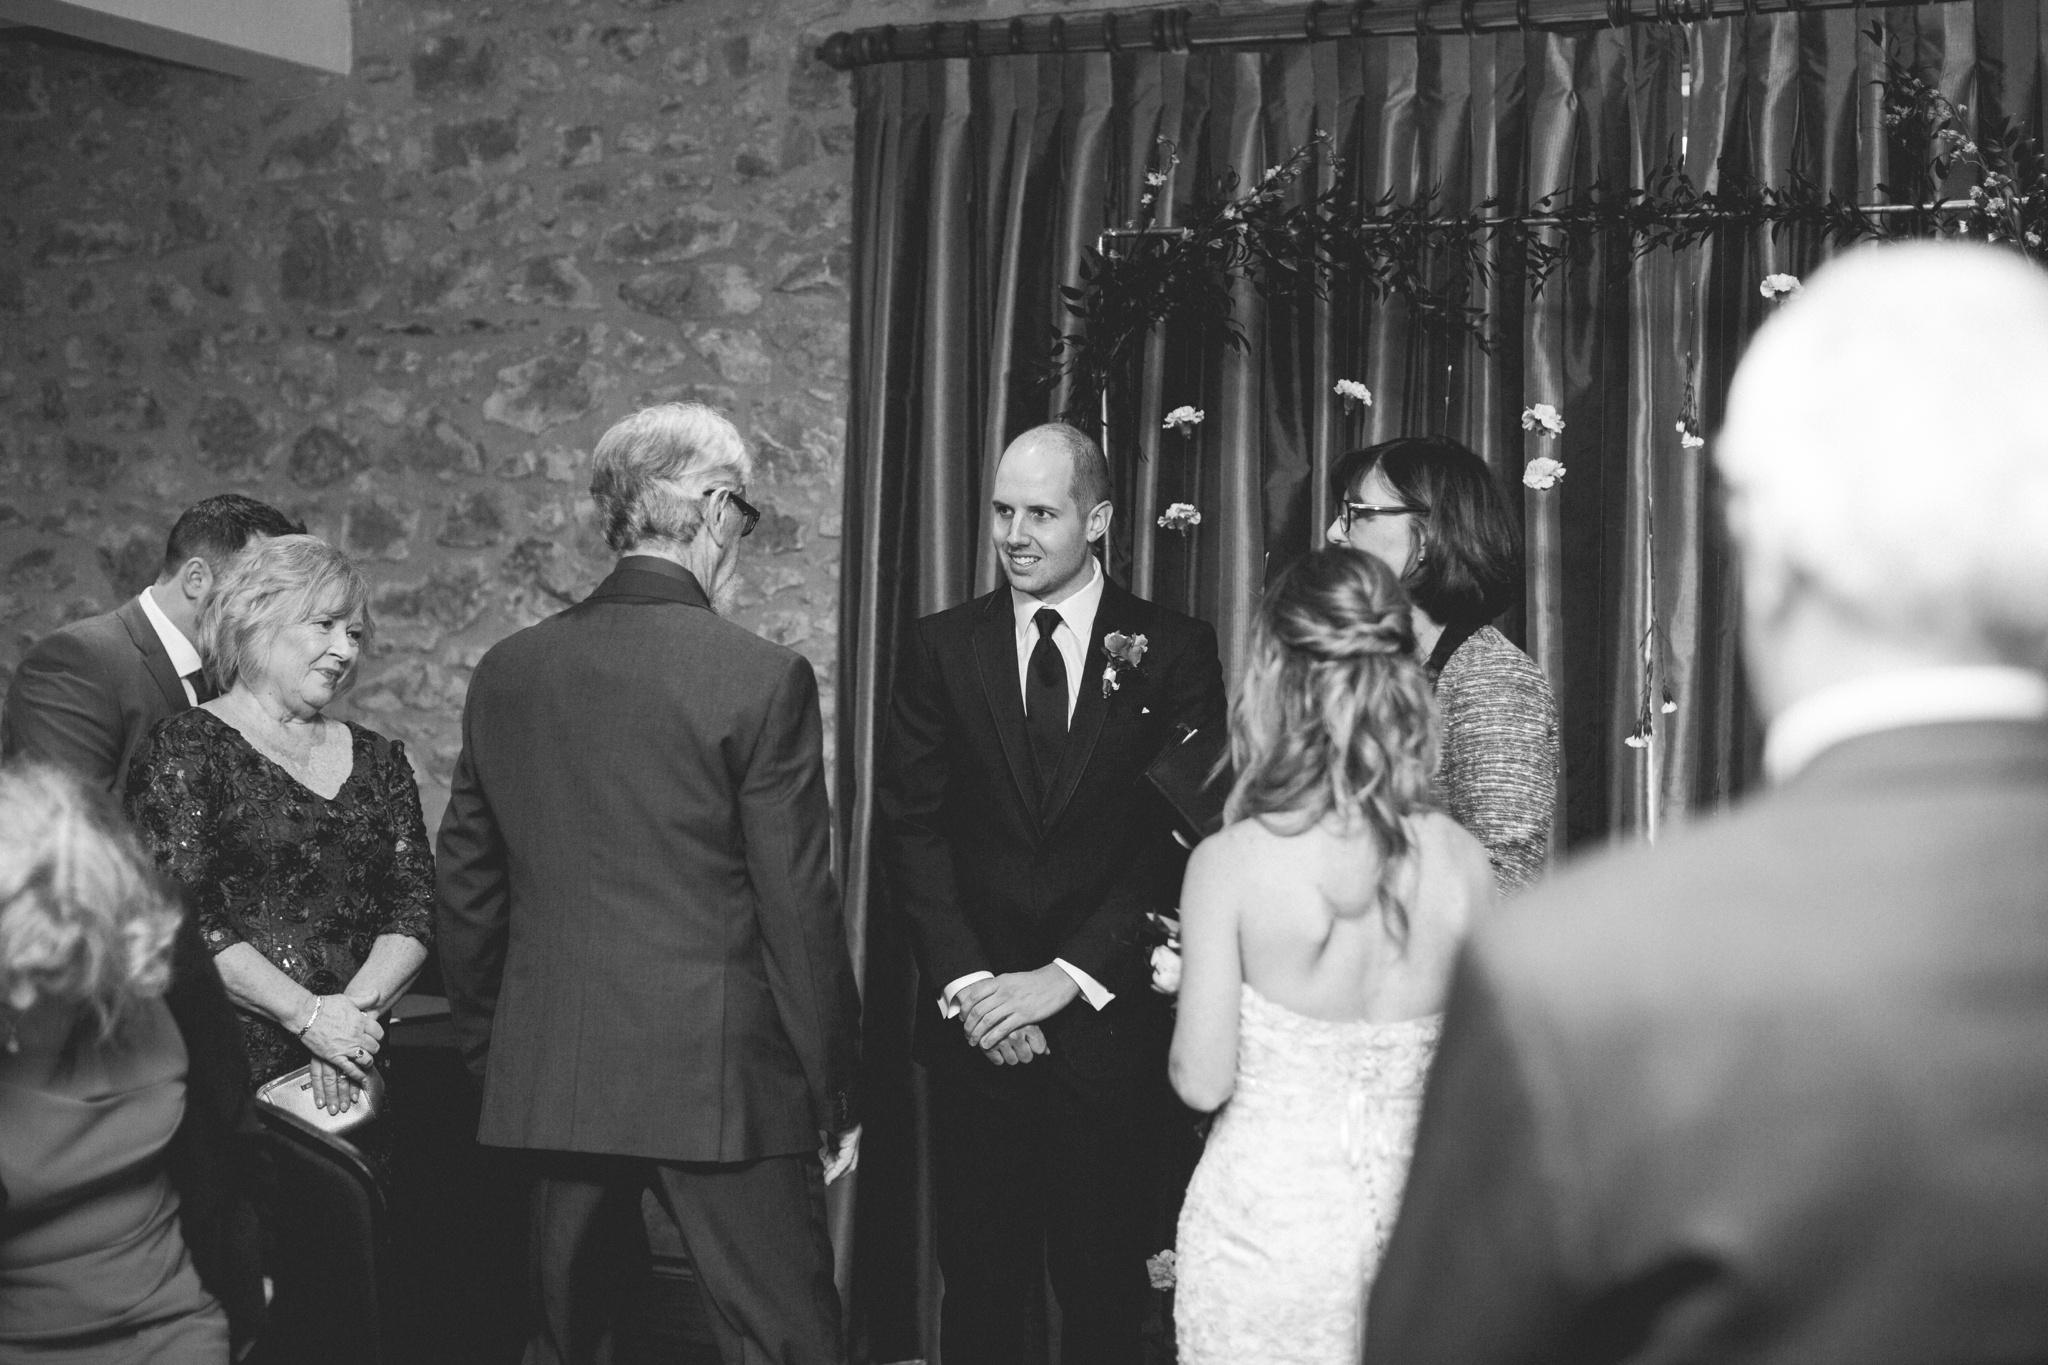 Winter Wedding Venues in Ontario